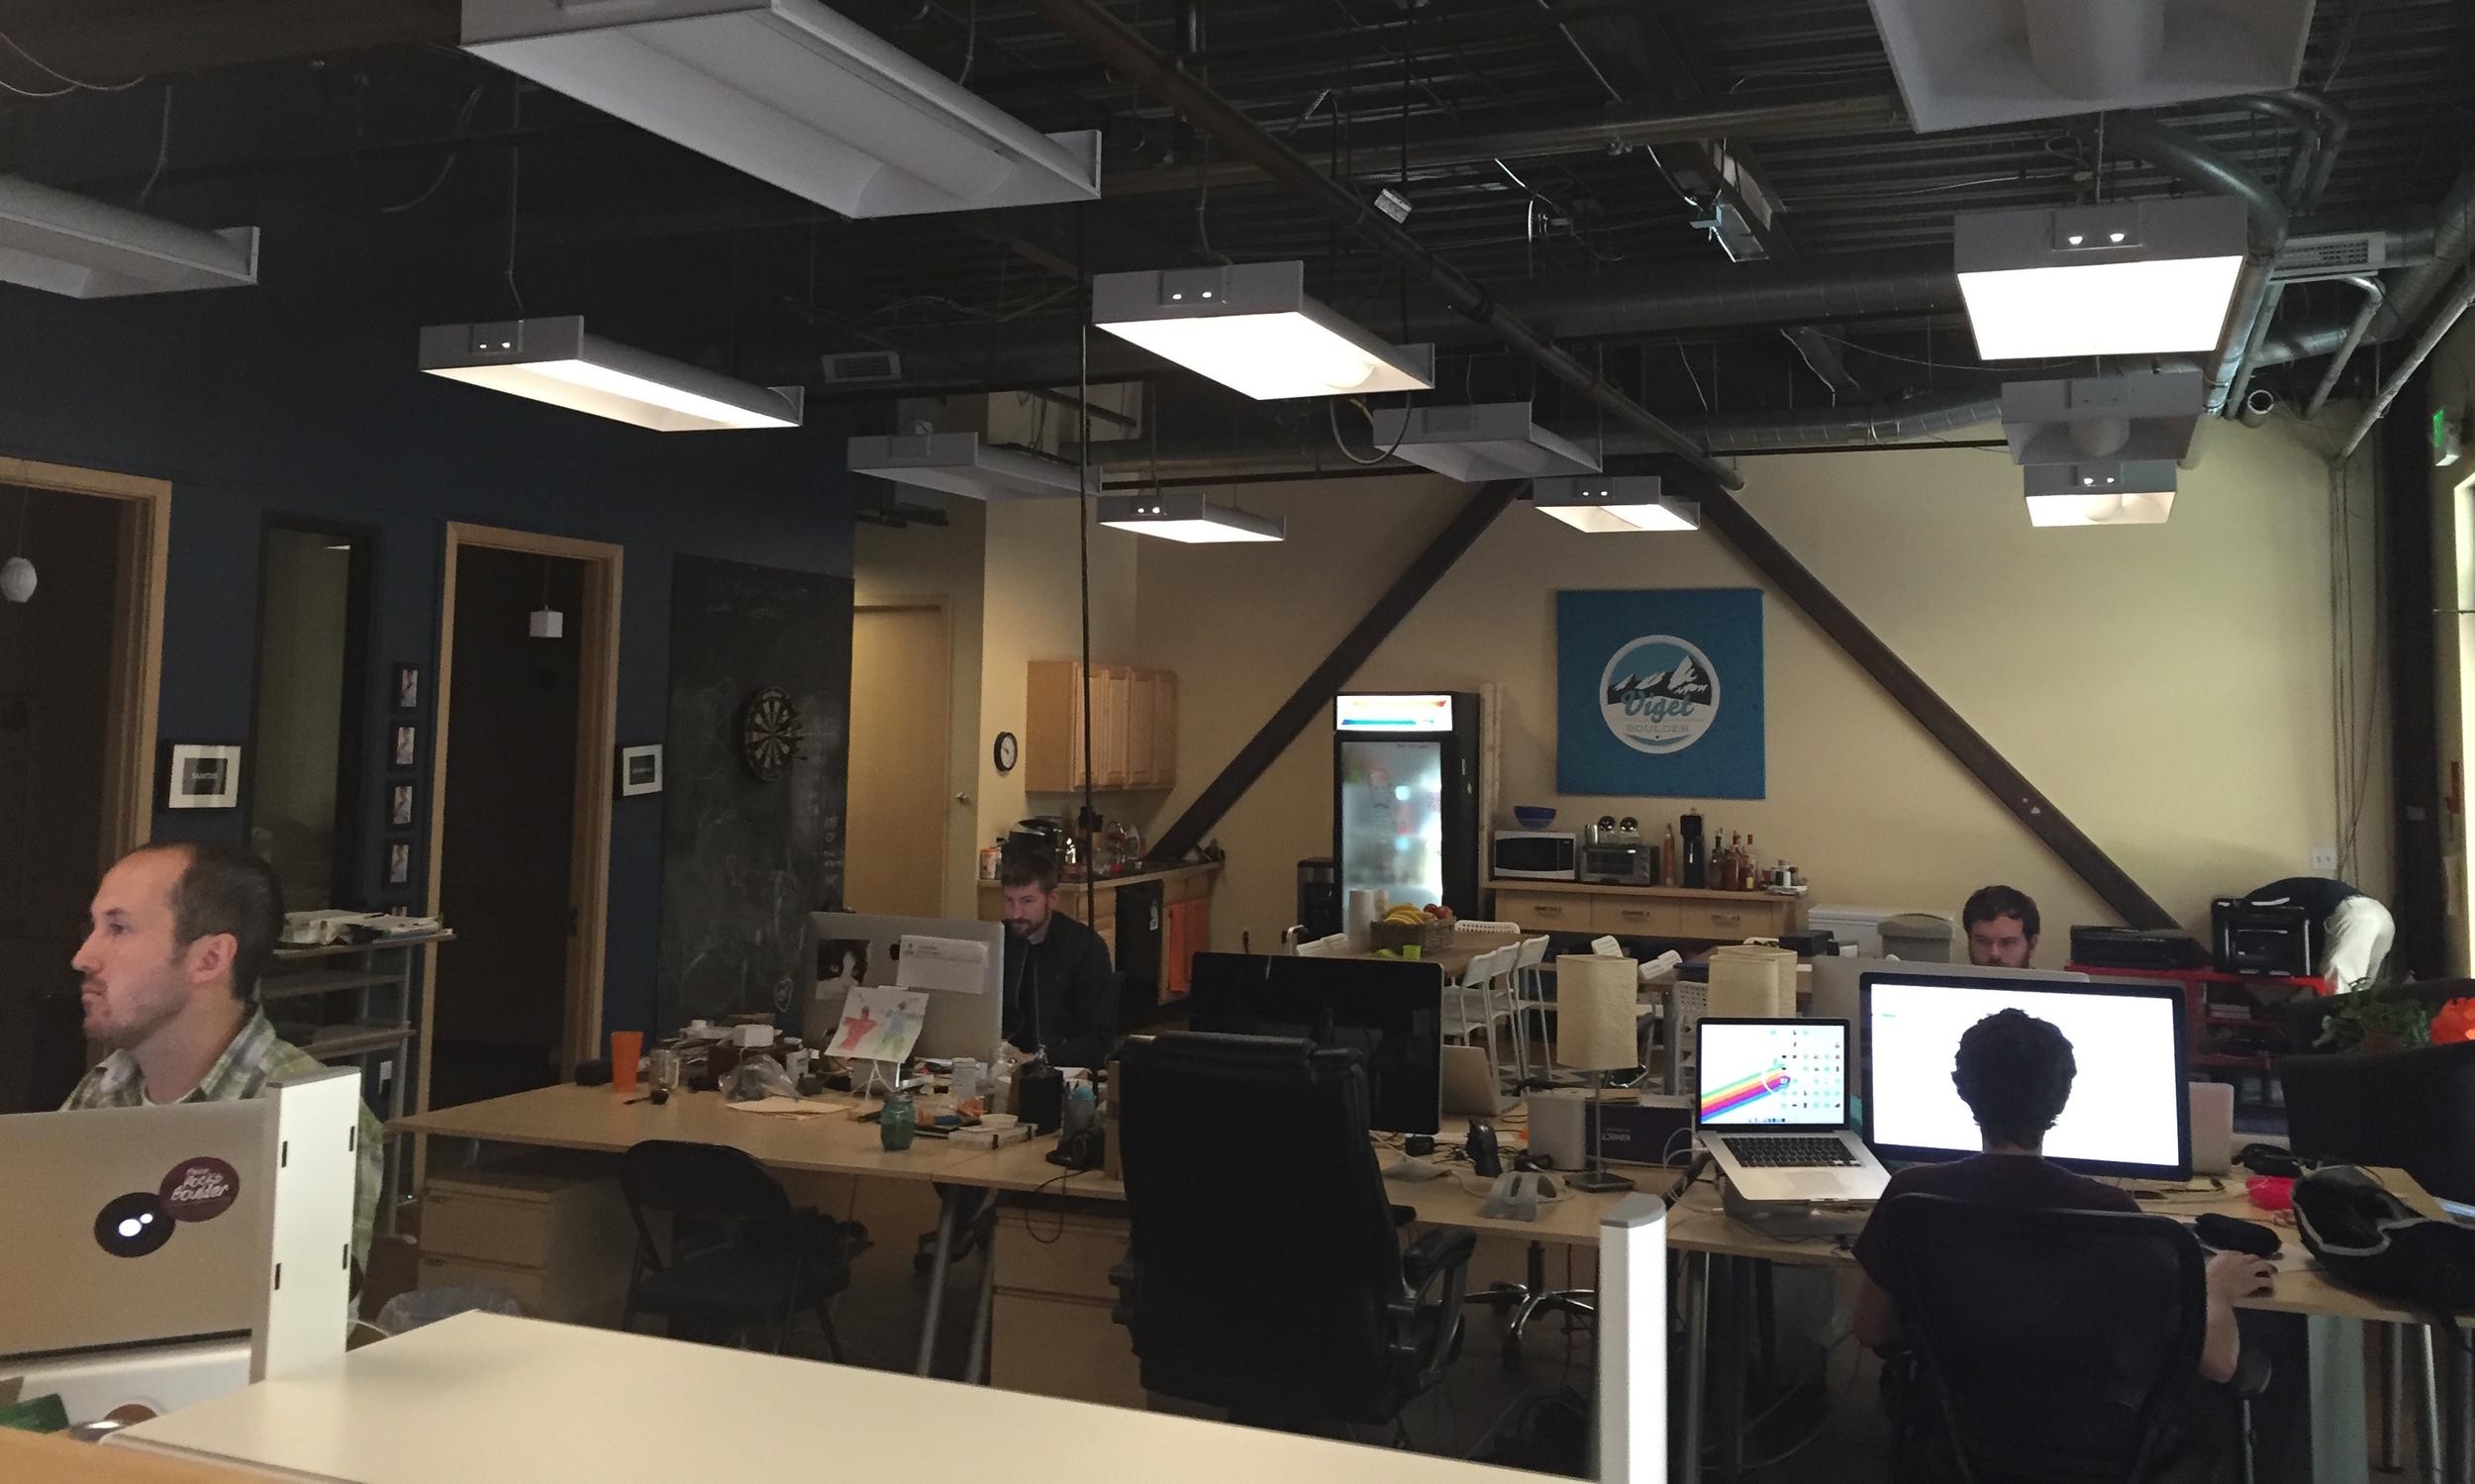 Viget's office in Boulder, Colorado.